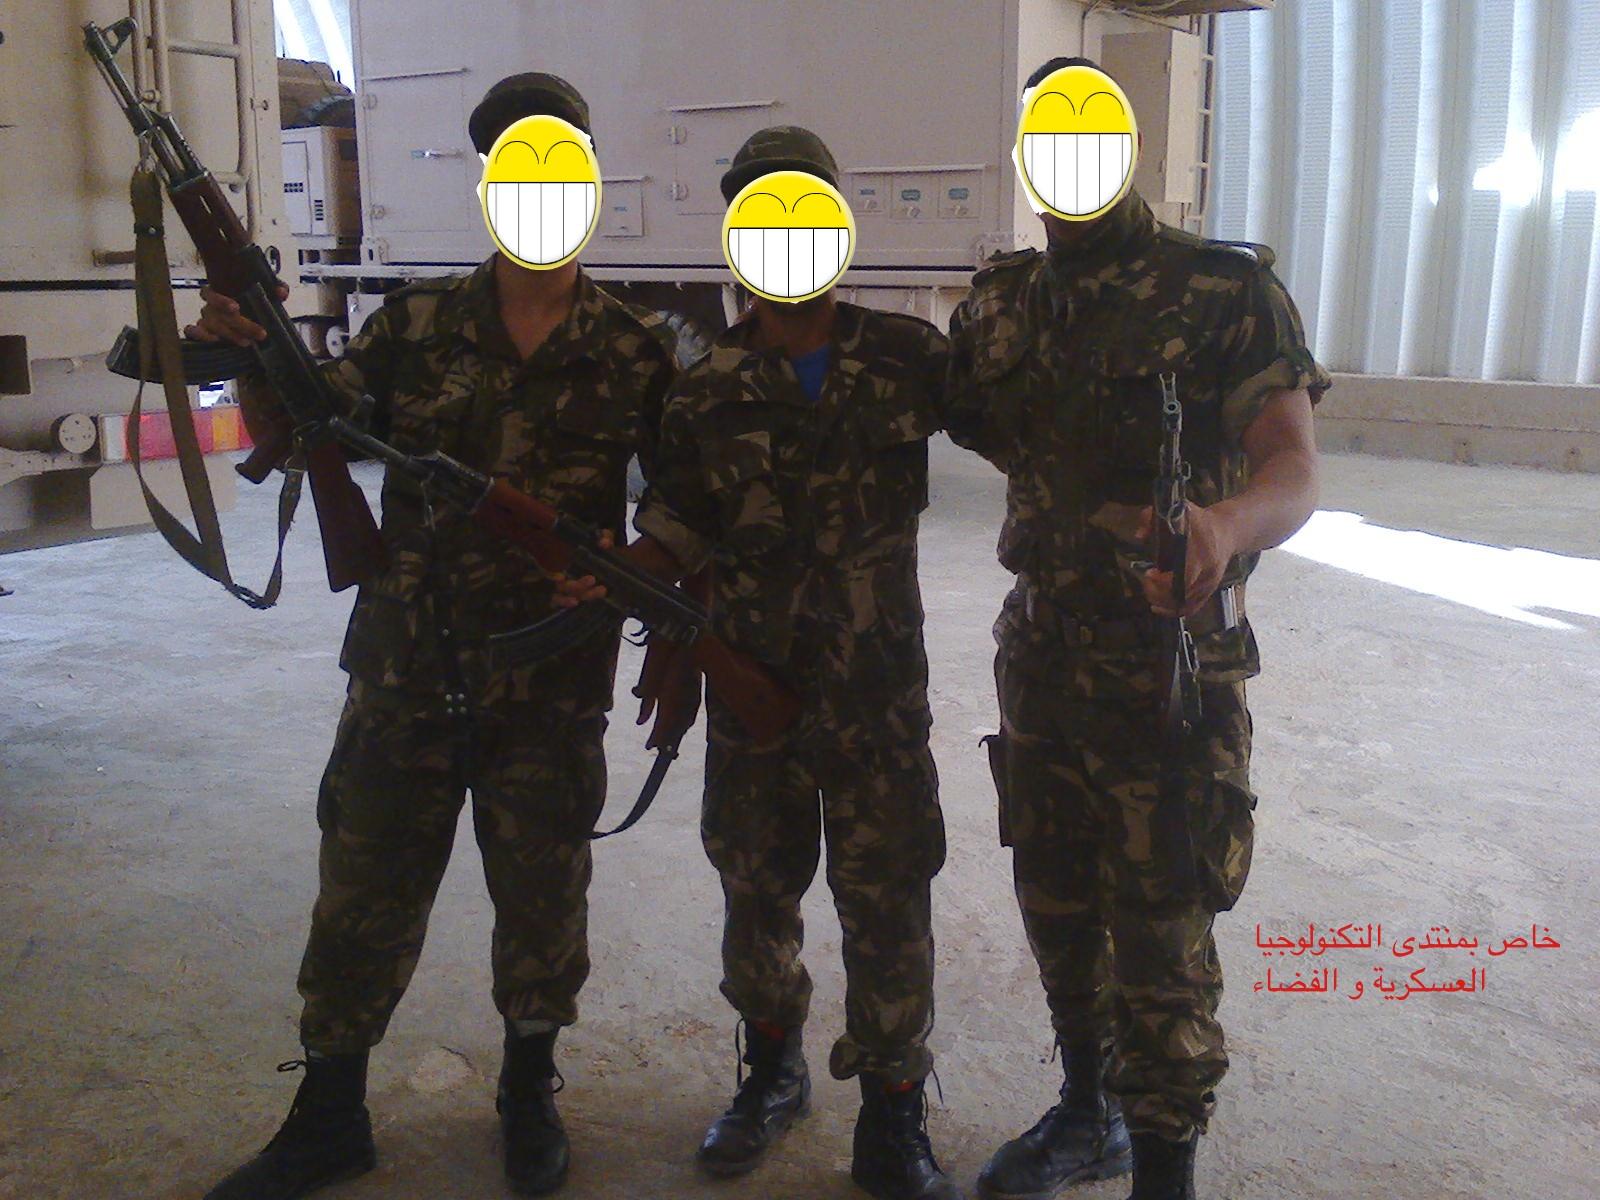 منظومات الحرب الالكترونية الجزائرية [  CEIEC /Electronic Warfare System ]   33347823673_169221f3a8_o